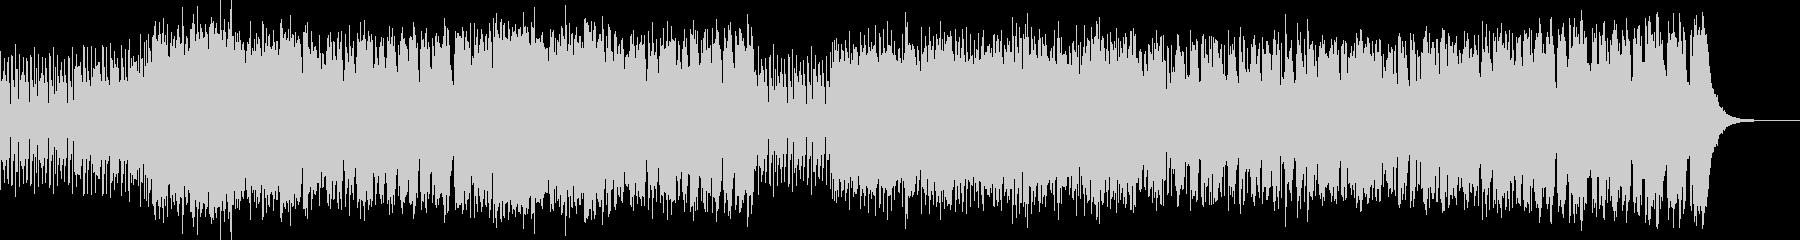 スピード感 躍動的サックスジャズビートの未再生の波形